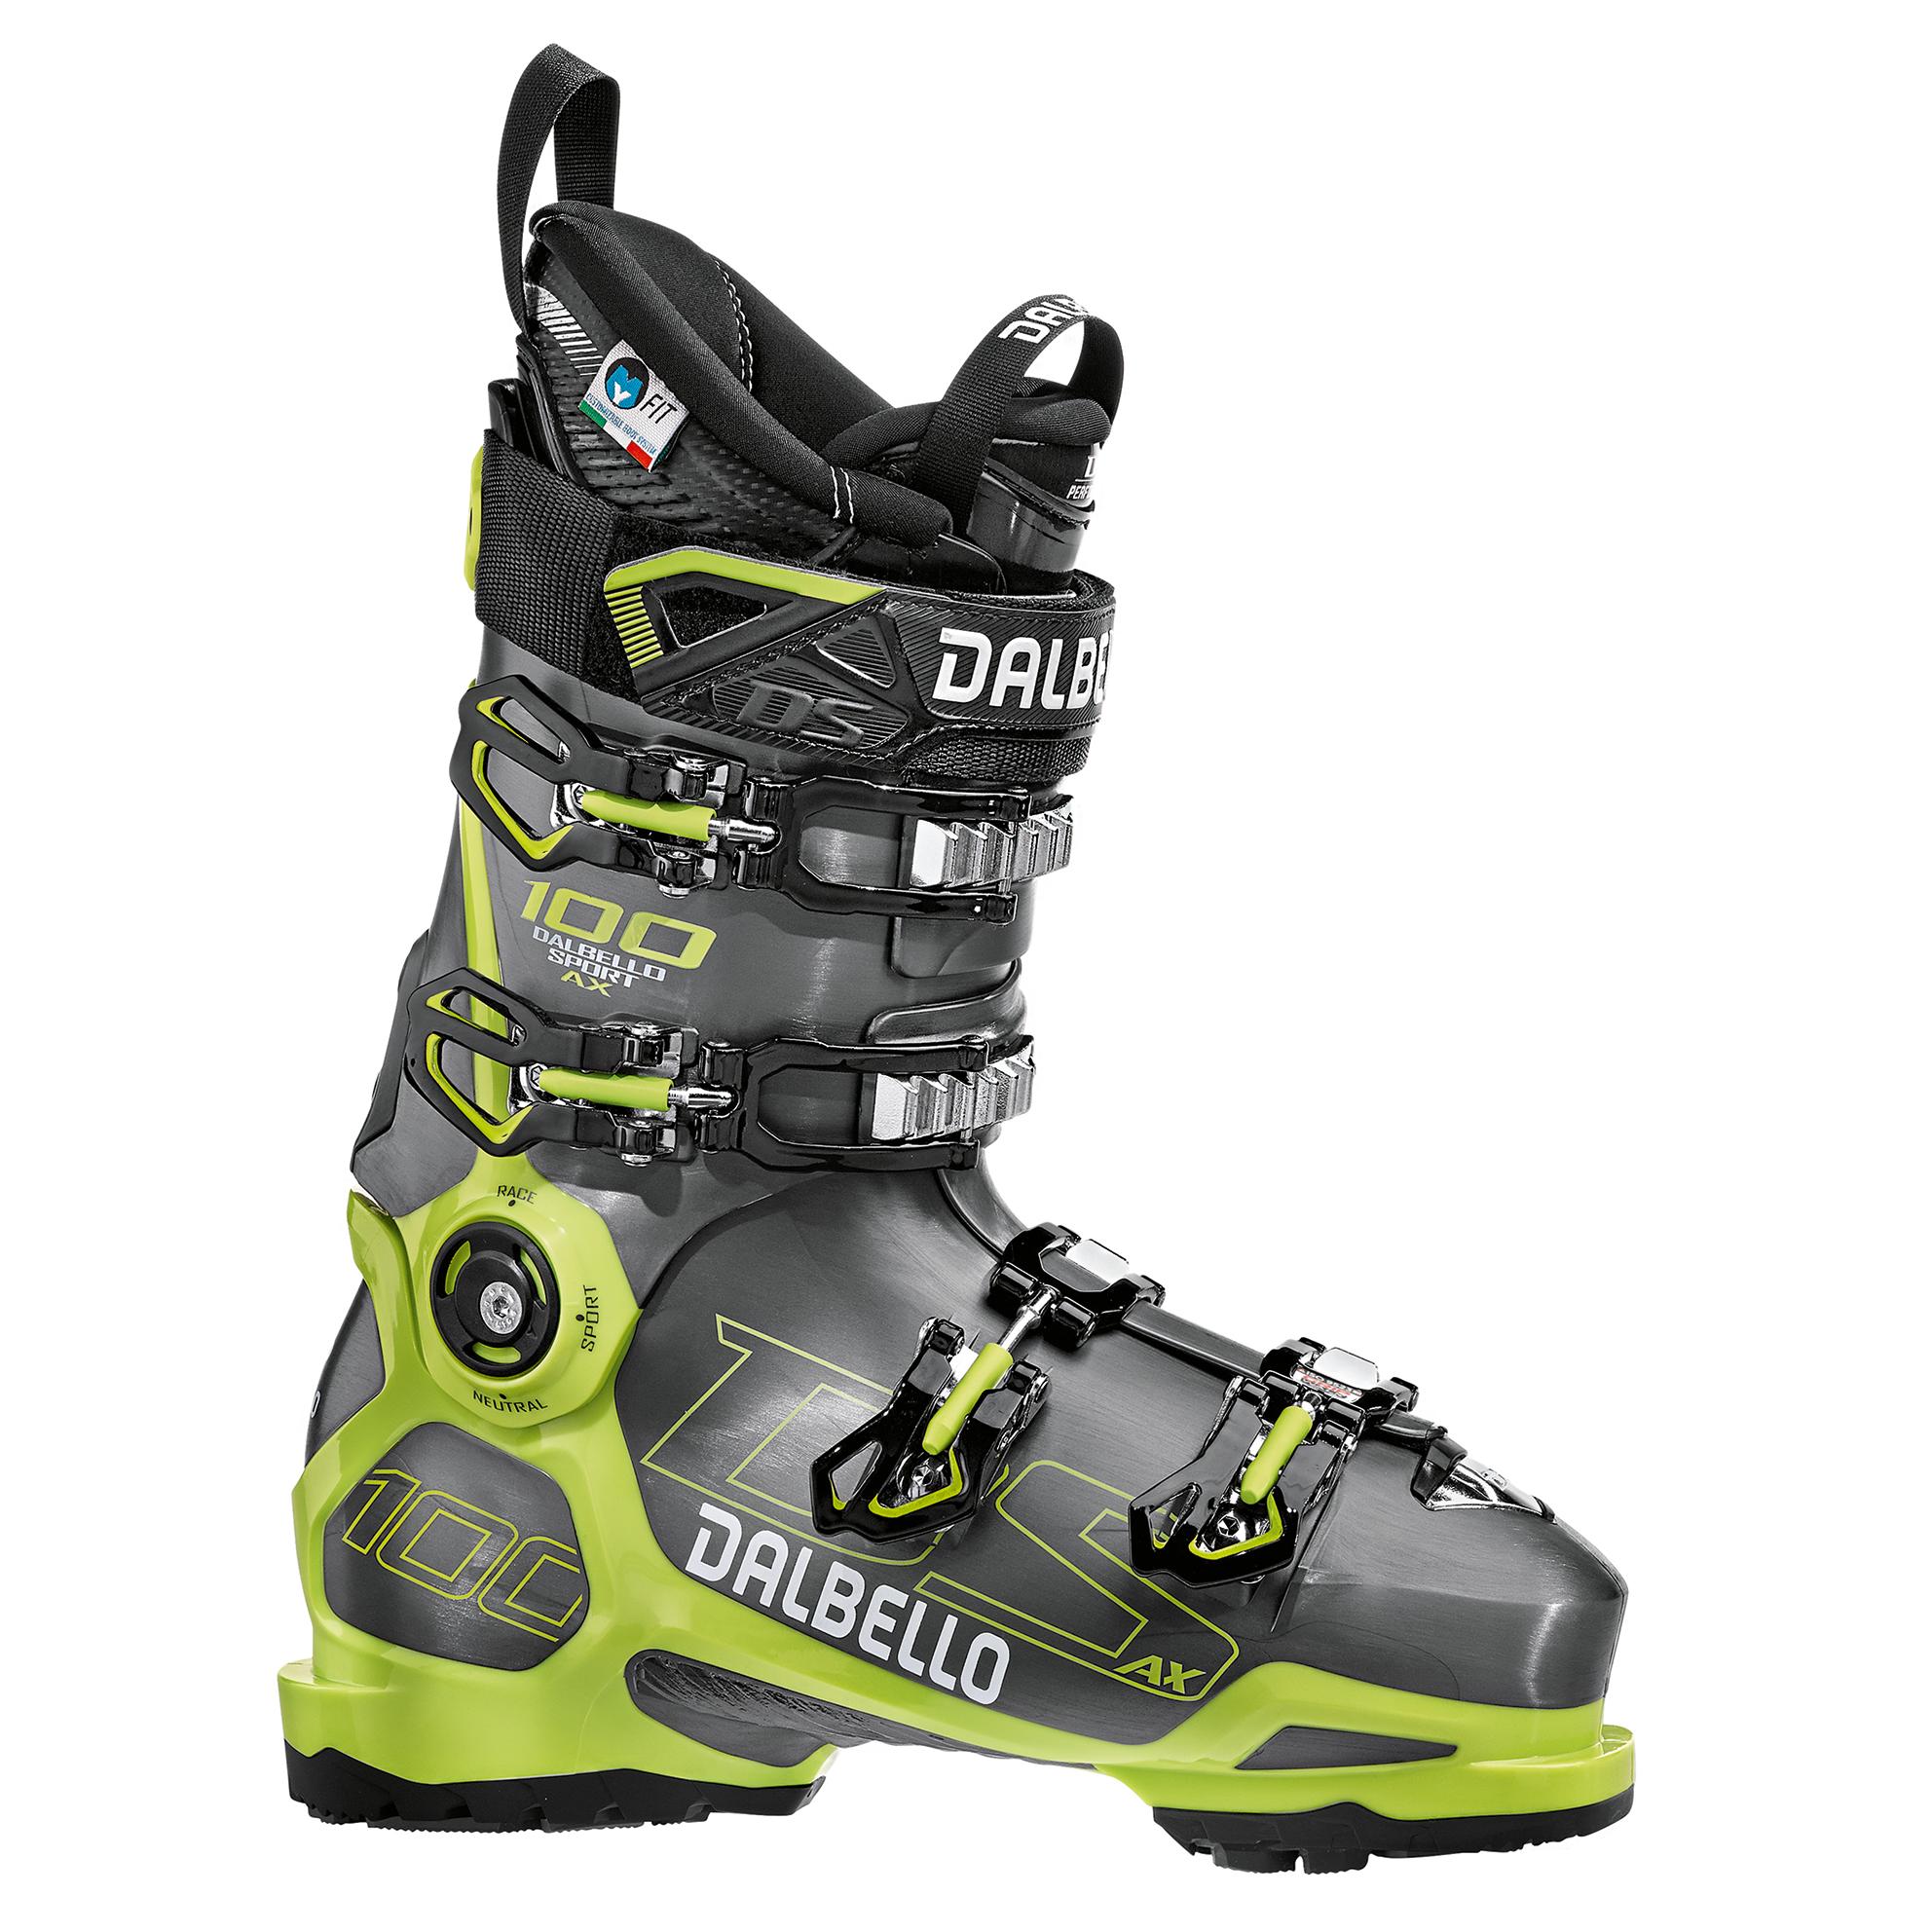 Dalbello ds ax 100 - DS-AX-100-GW D1804002-10-ohne 656031e8394